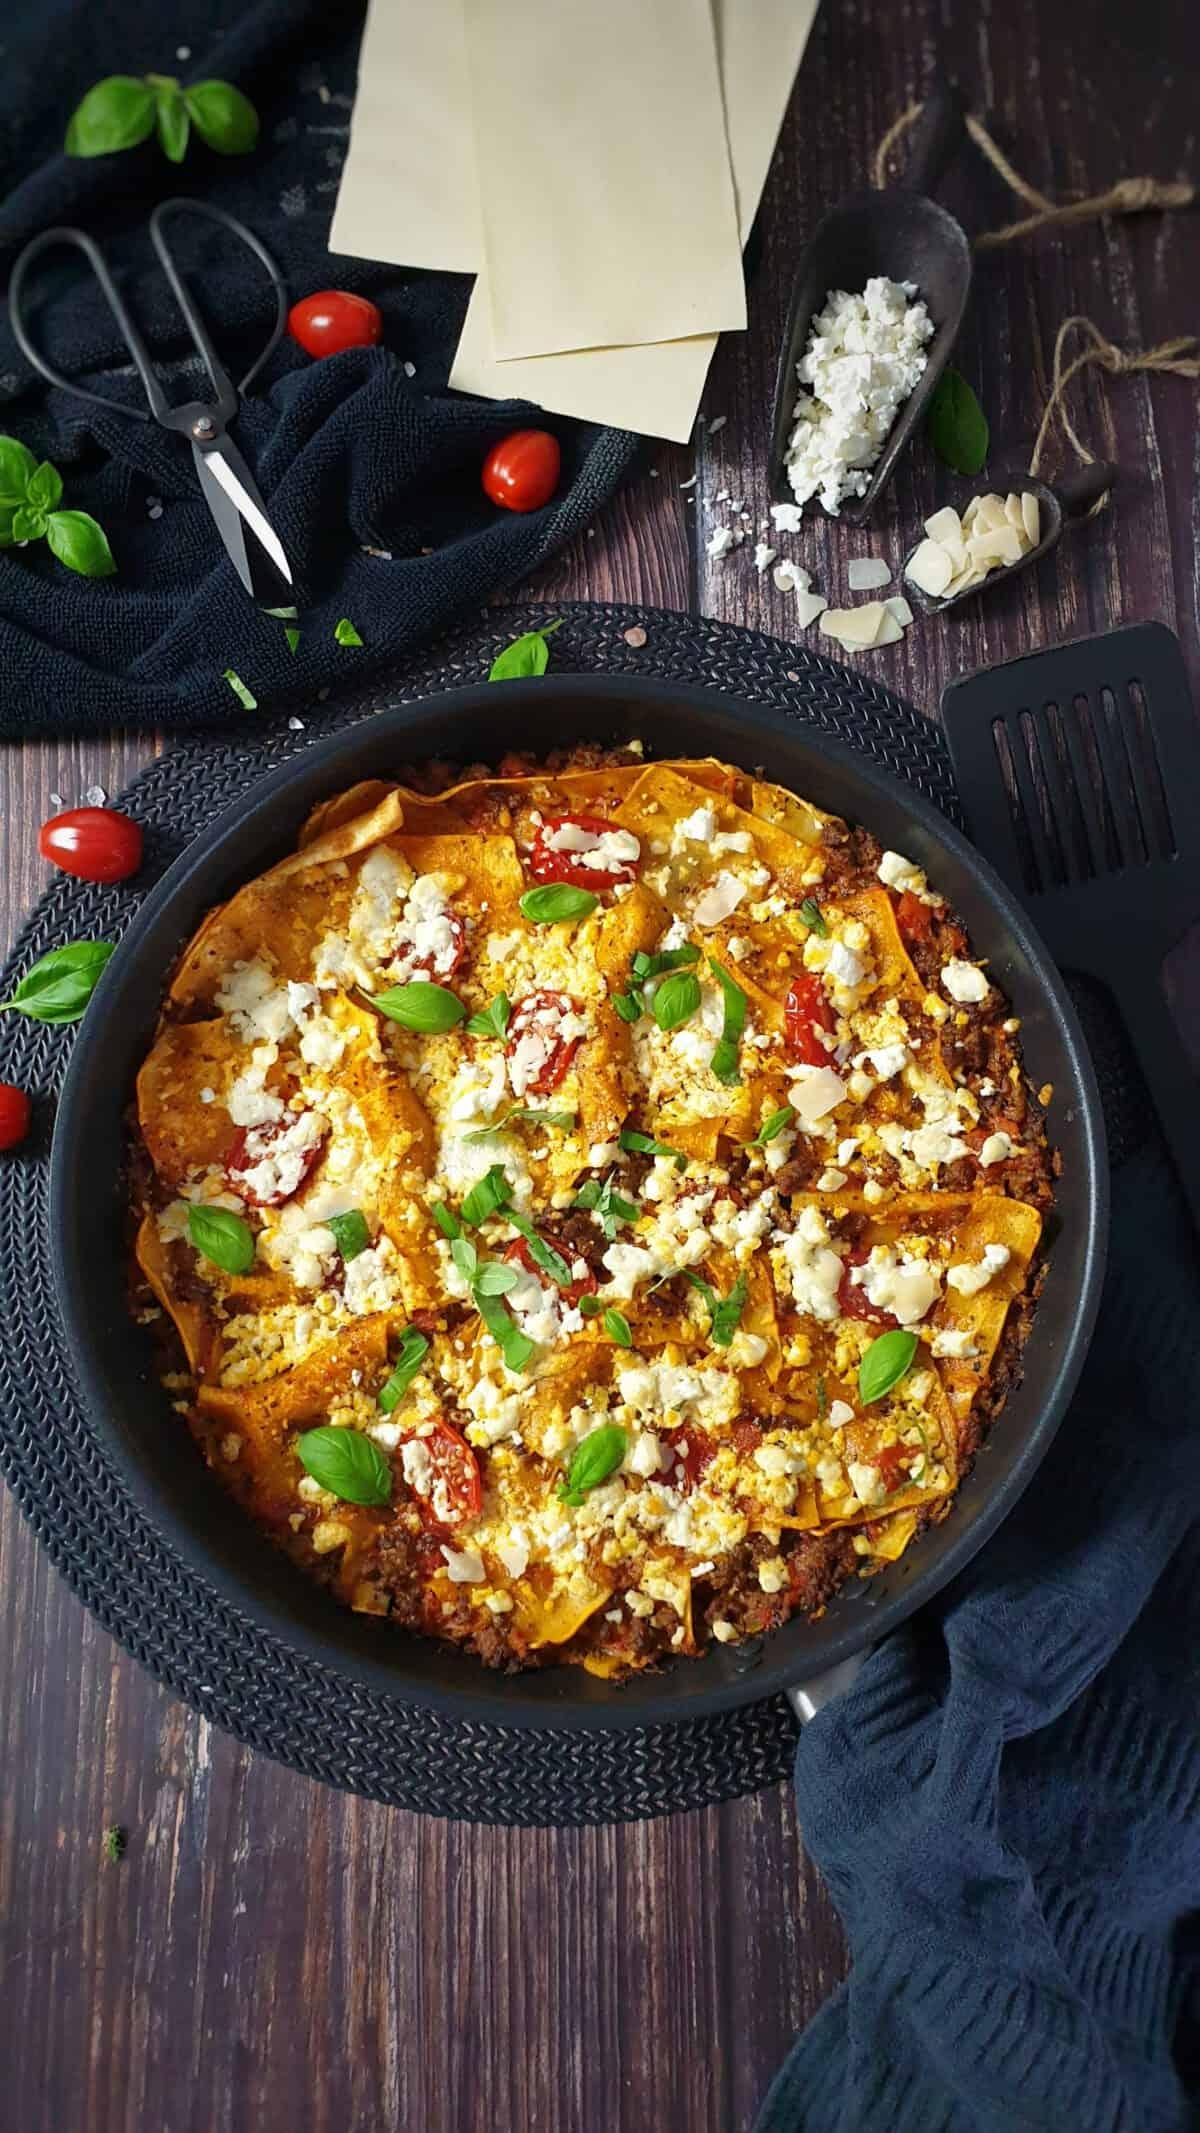 In einer Pfanne eine Pfannen-Lasagne mit Feta Käse gratiniert und mit Basilikum bestreut.